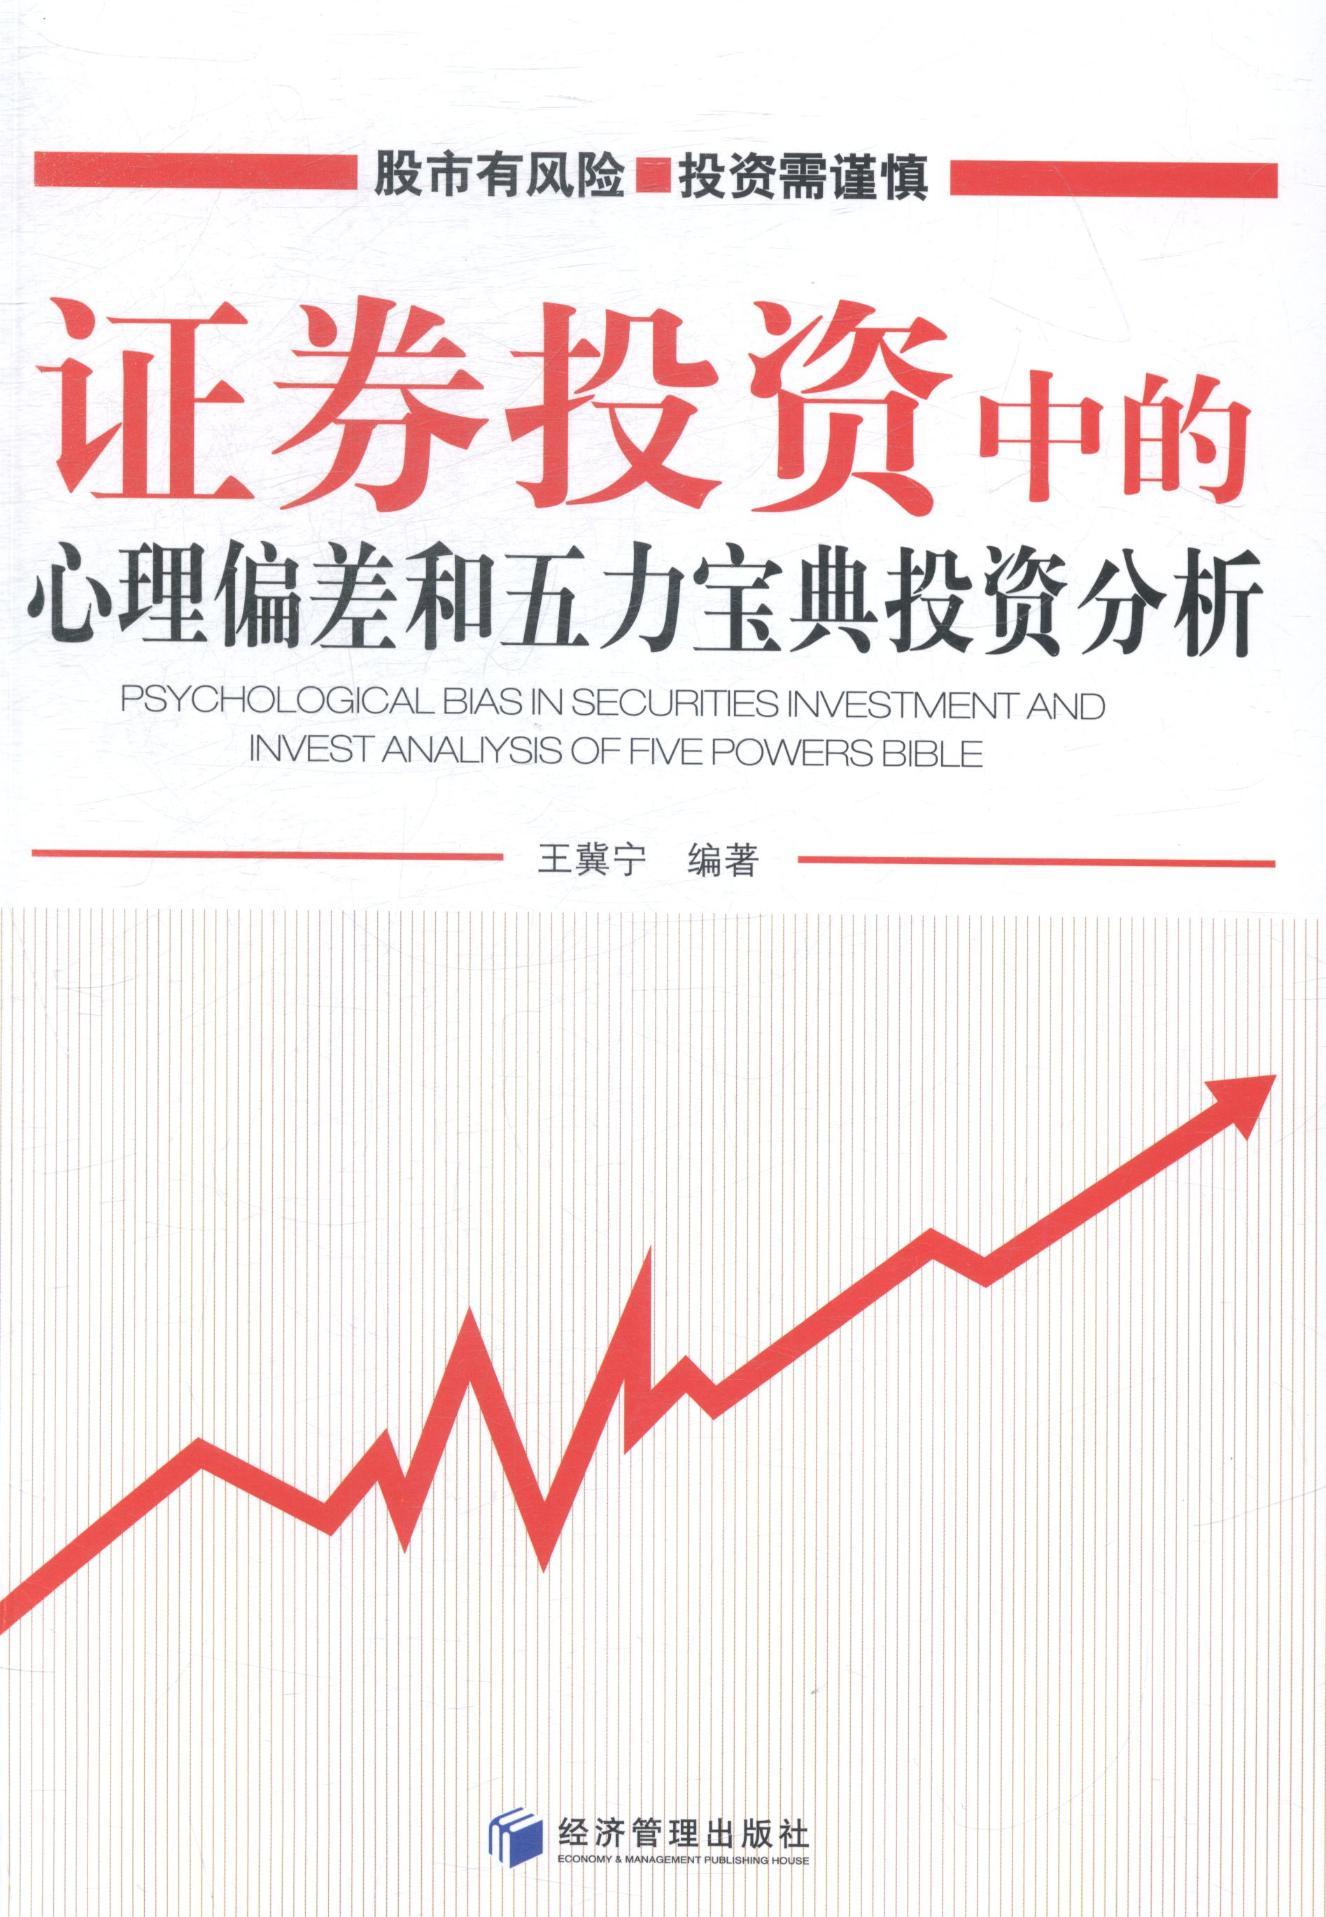 正版包邮 证券投资中的心理偏差和五力宝典投资分析 经济管理出版社 书店 投资理财书籍